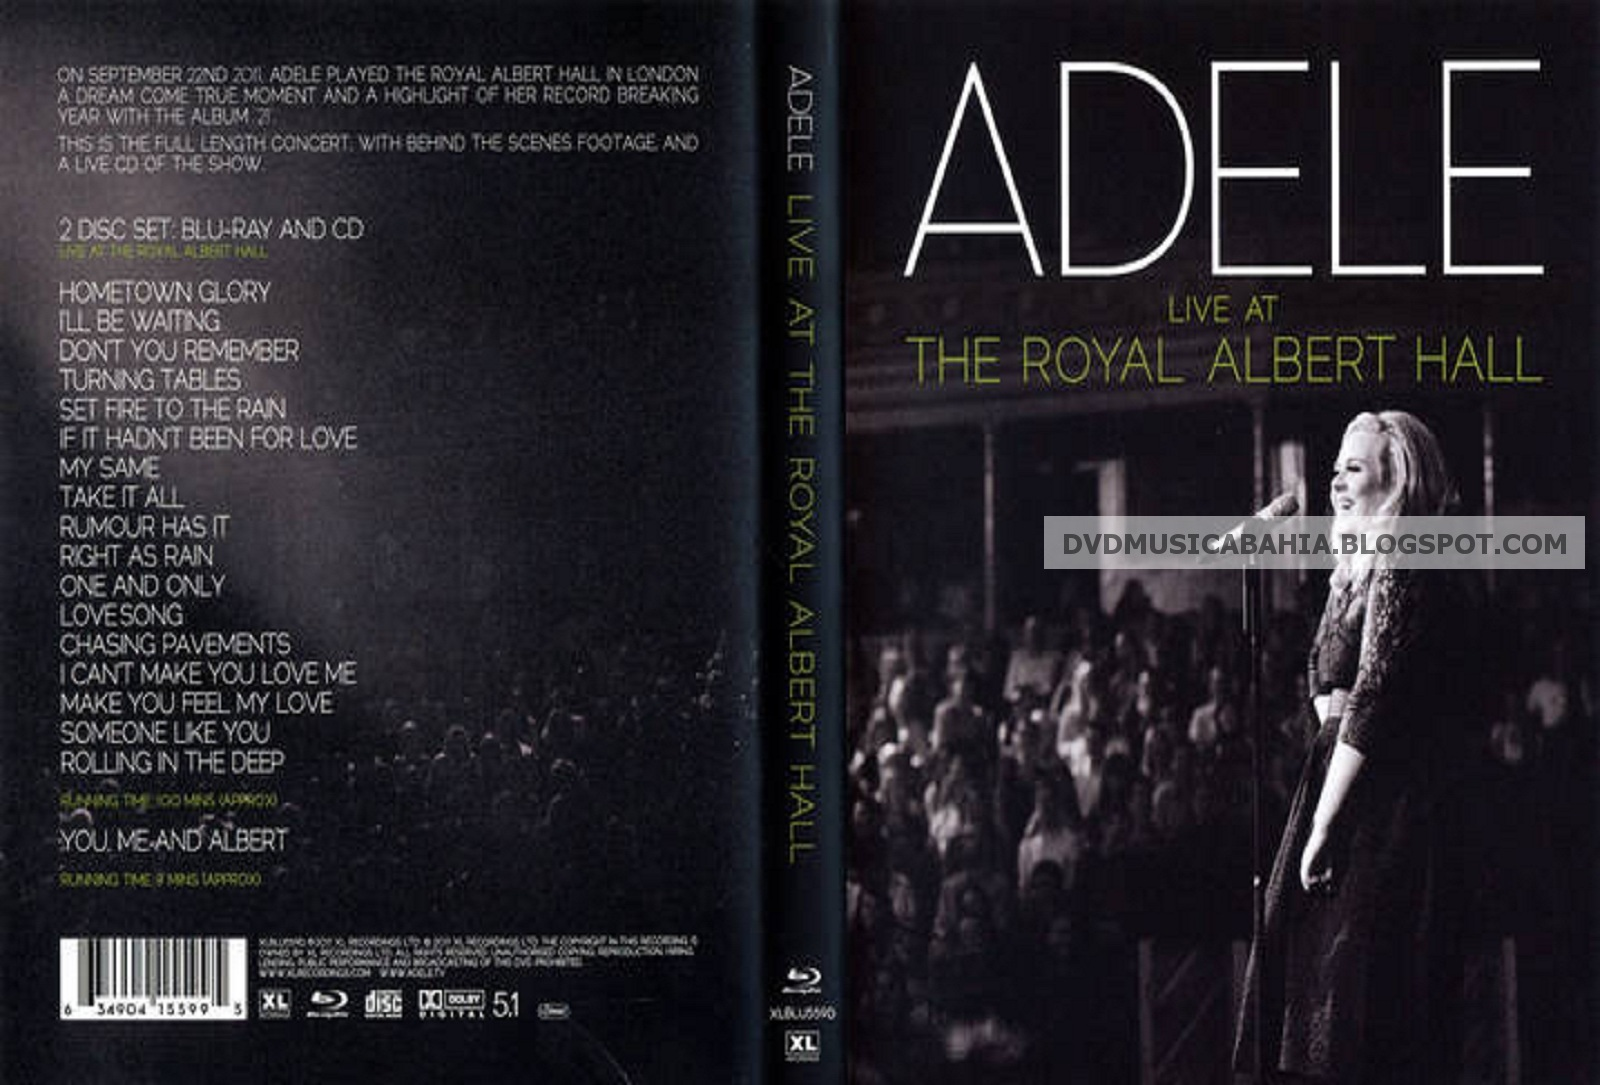 http://2.bp.blogspot.com/-EZZPoPV3aQs/T_iWkNVFUaI/AAAAAAAACL0/MjjkggqvIlo/s1600/adele+-+live+al+royal+albert+hall.jpg